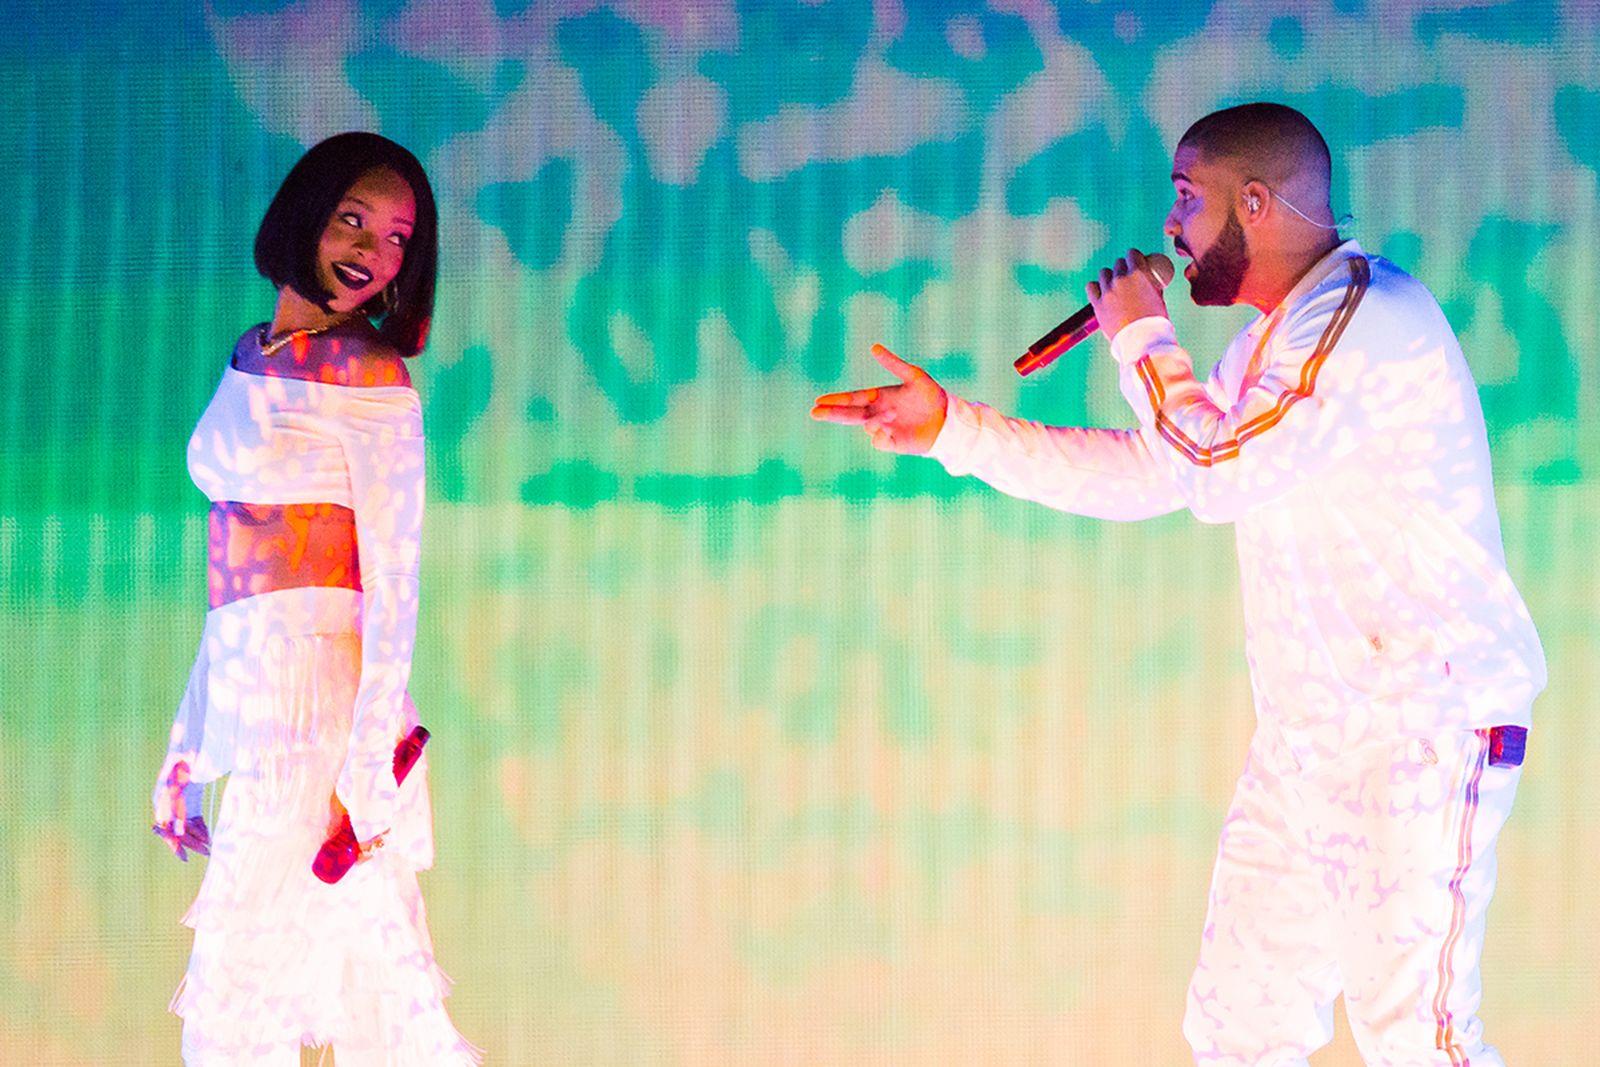 Rihanna perform with Drake at the BRIT Awards 2016